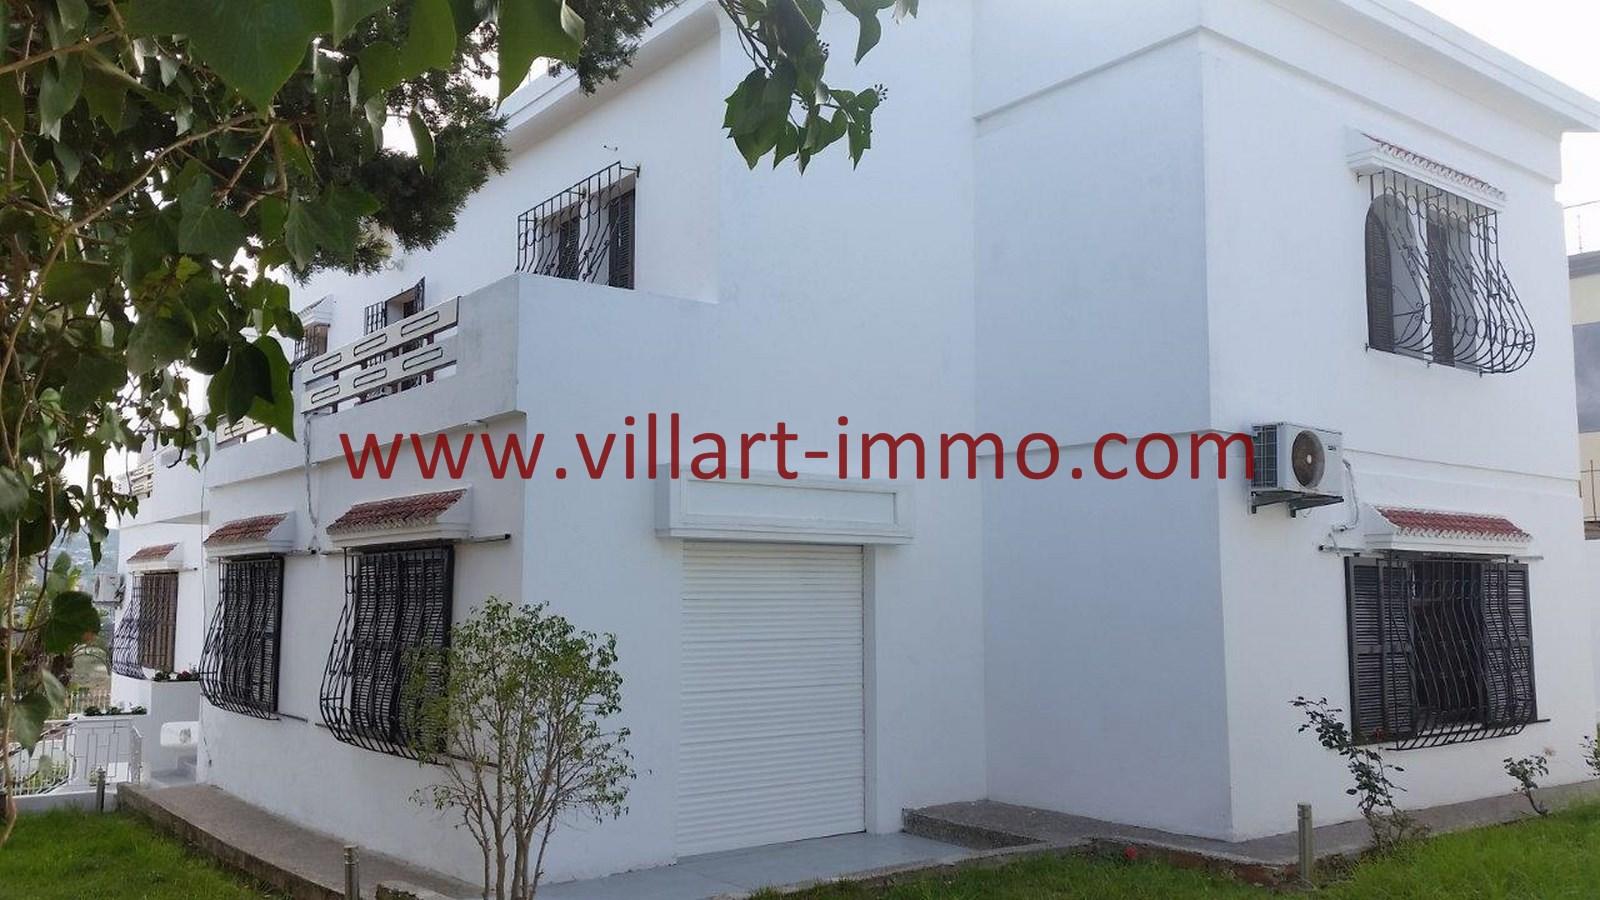 1-Location-Villa-Non meublée-Tanger-Jardin-LV903-Villart immo